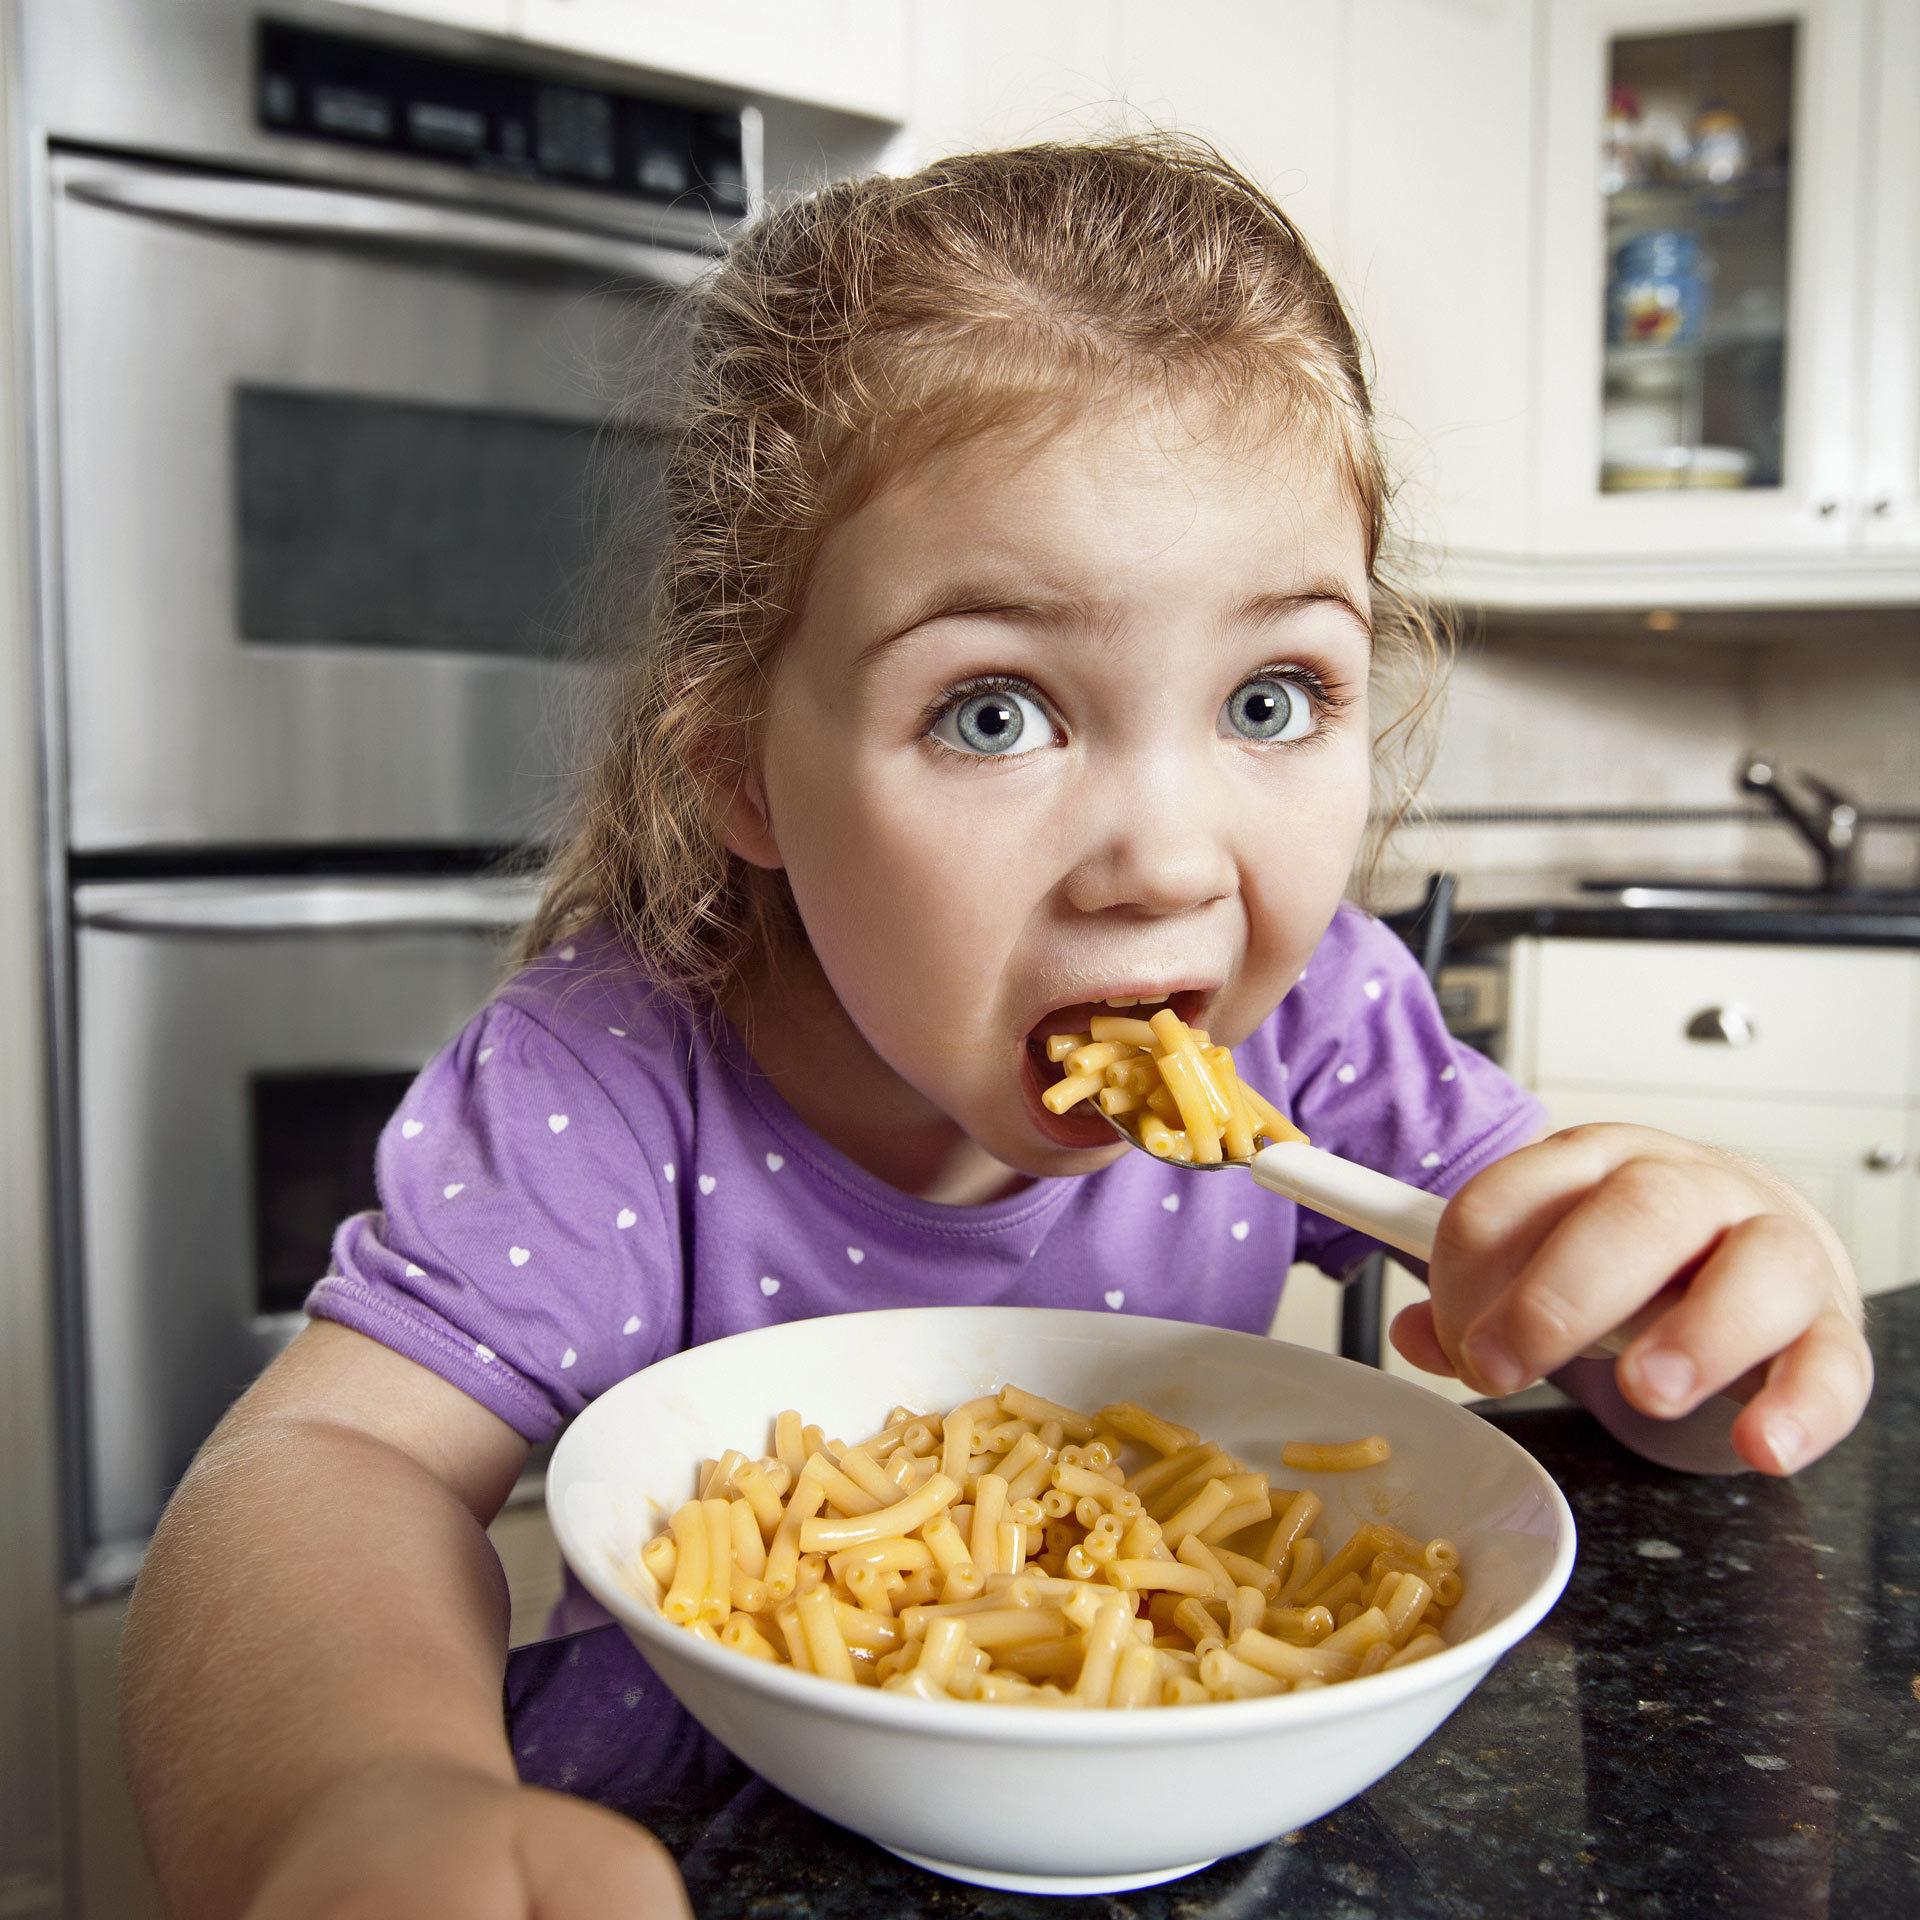 TOMFEILER_KRAFT_WHT_GIRL_EATING.jpg